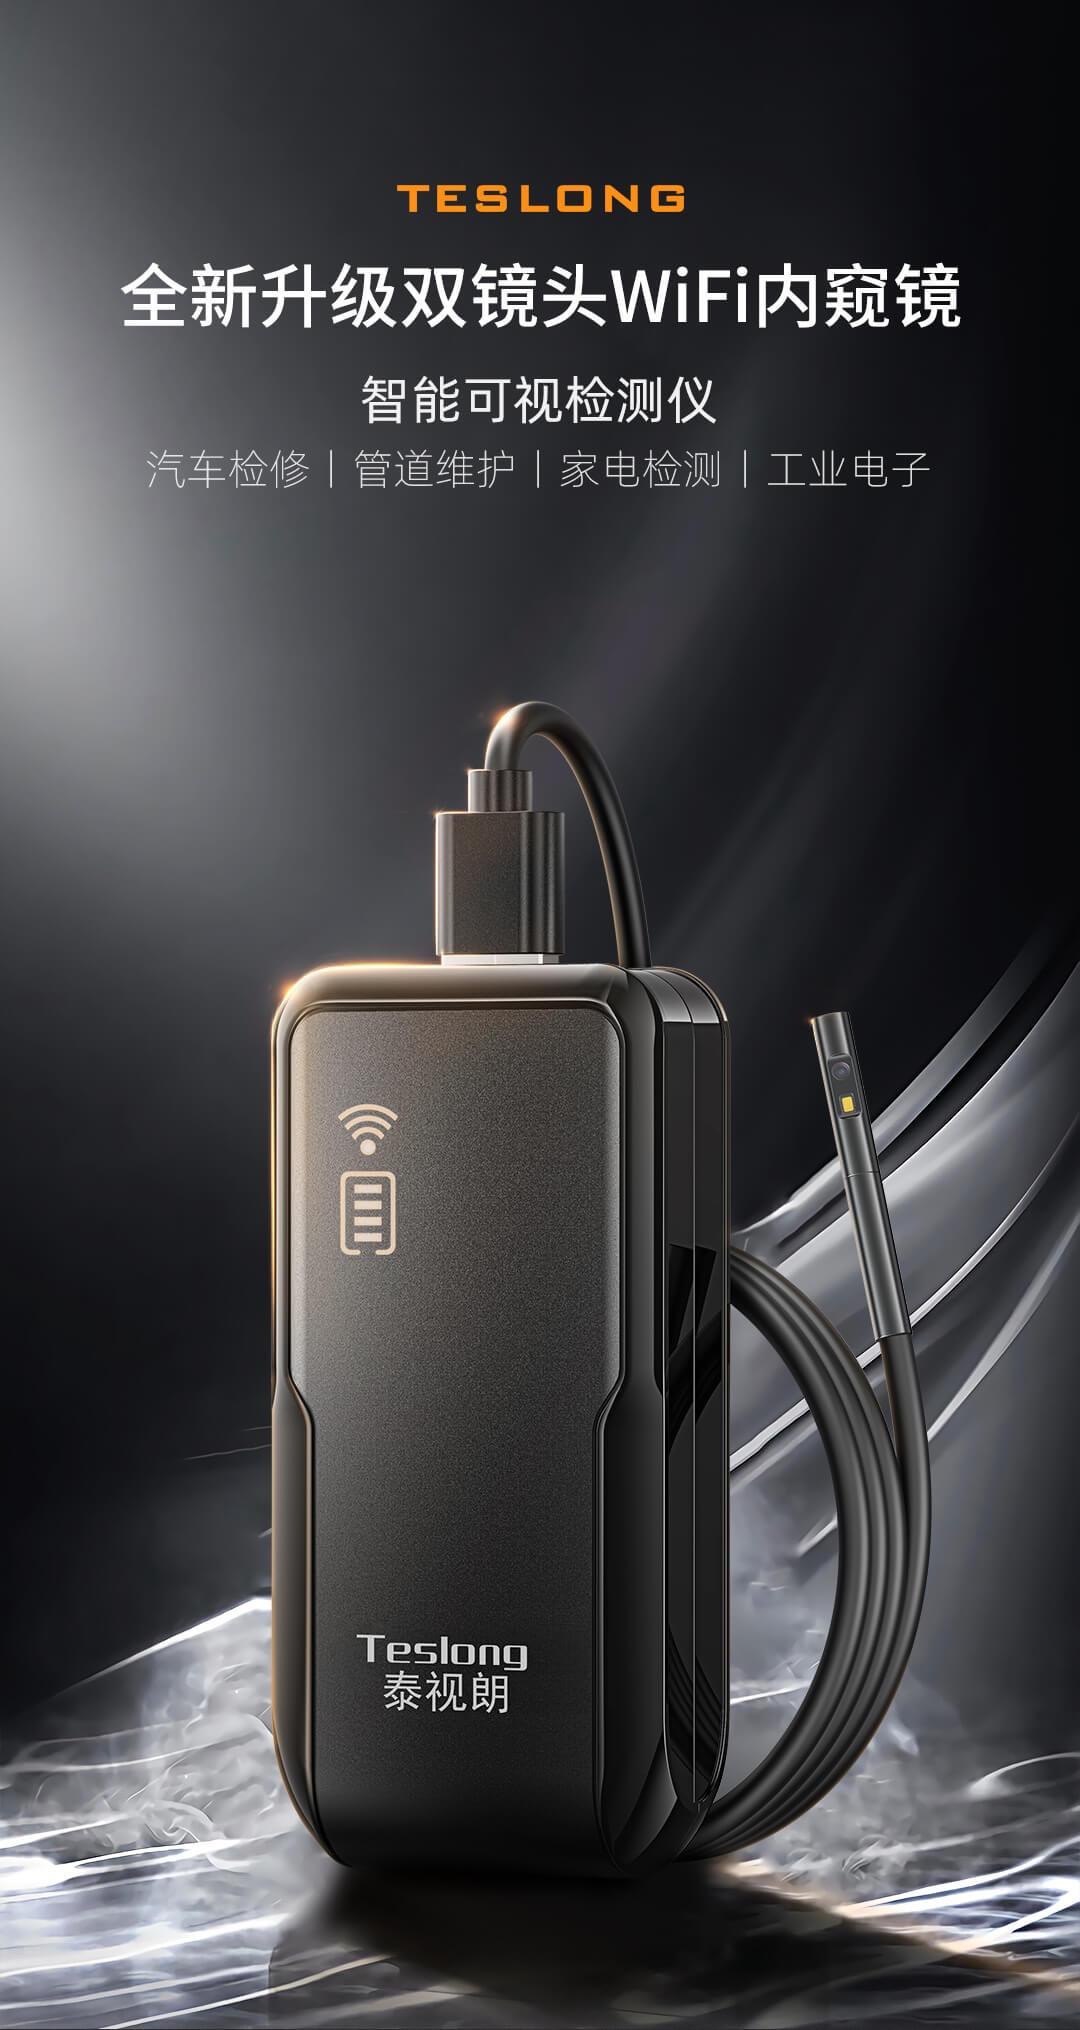 Endoscopio Xiaomi, a la venta en la tienda Youpin - Noticias Xiaomi